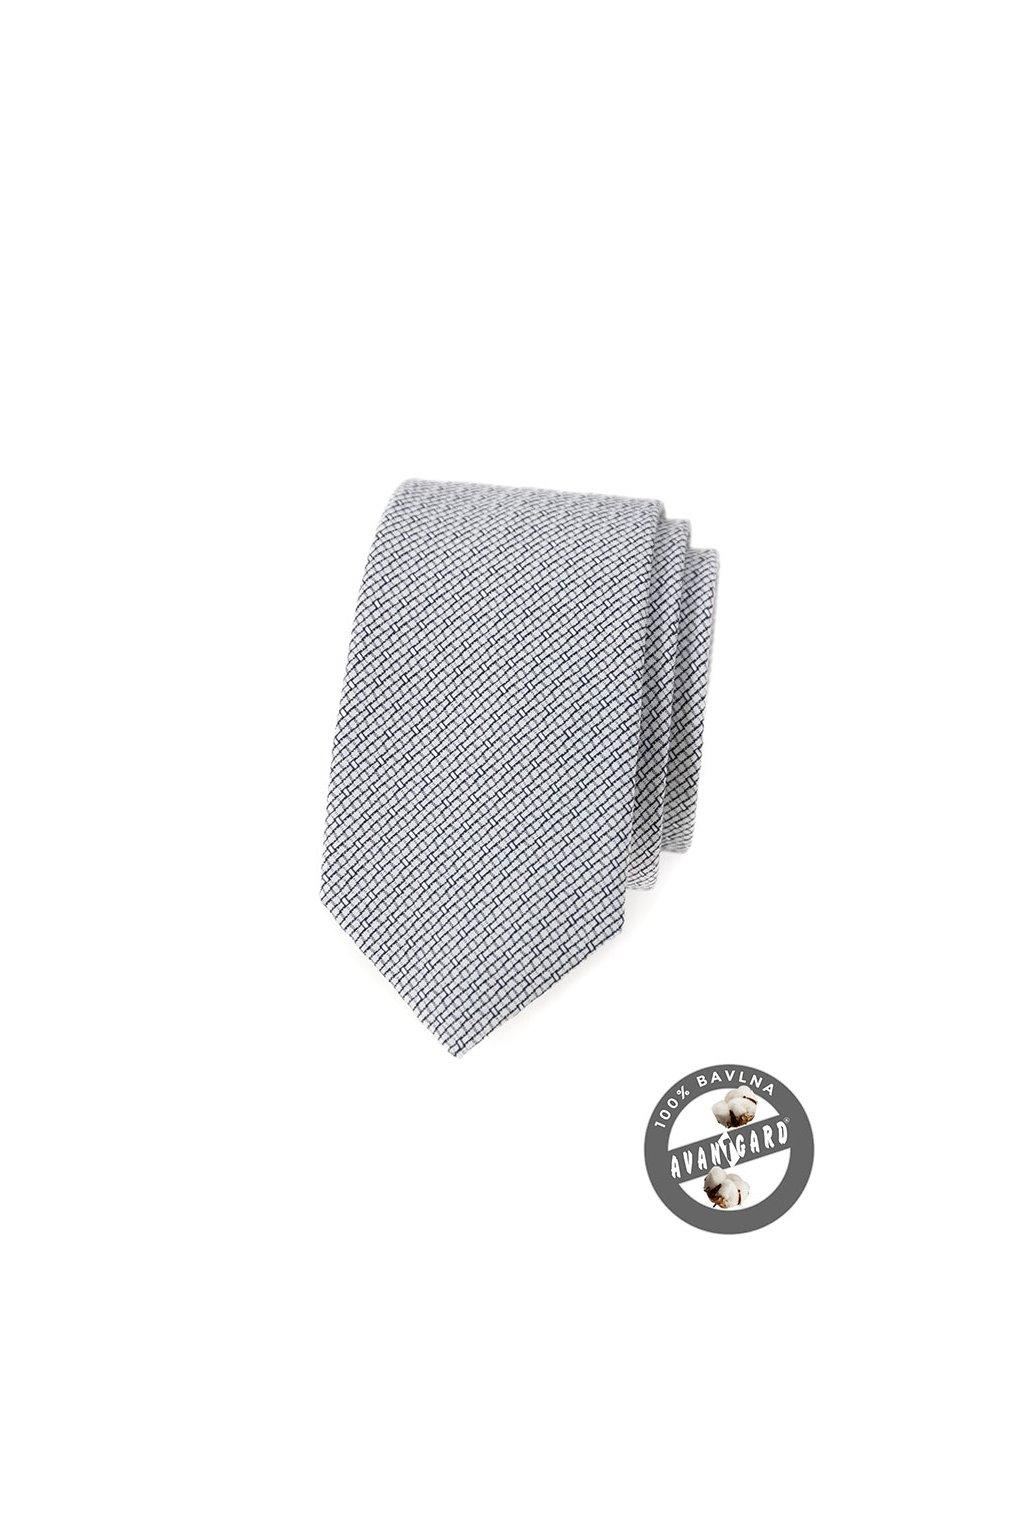 Pánská úzká luxusní kravata SLIM bavlněná černobílá 571 - 51002